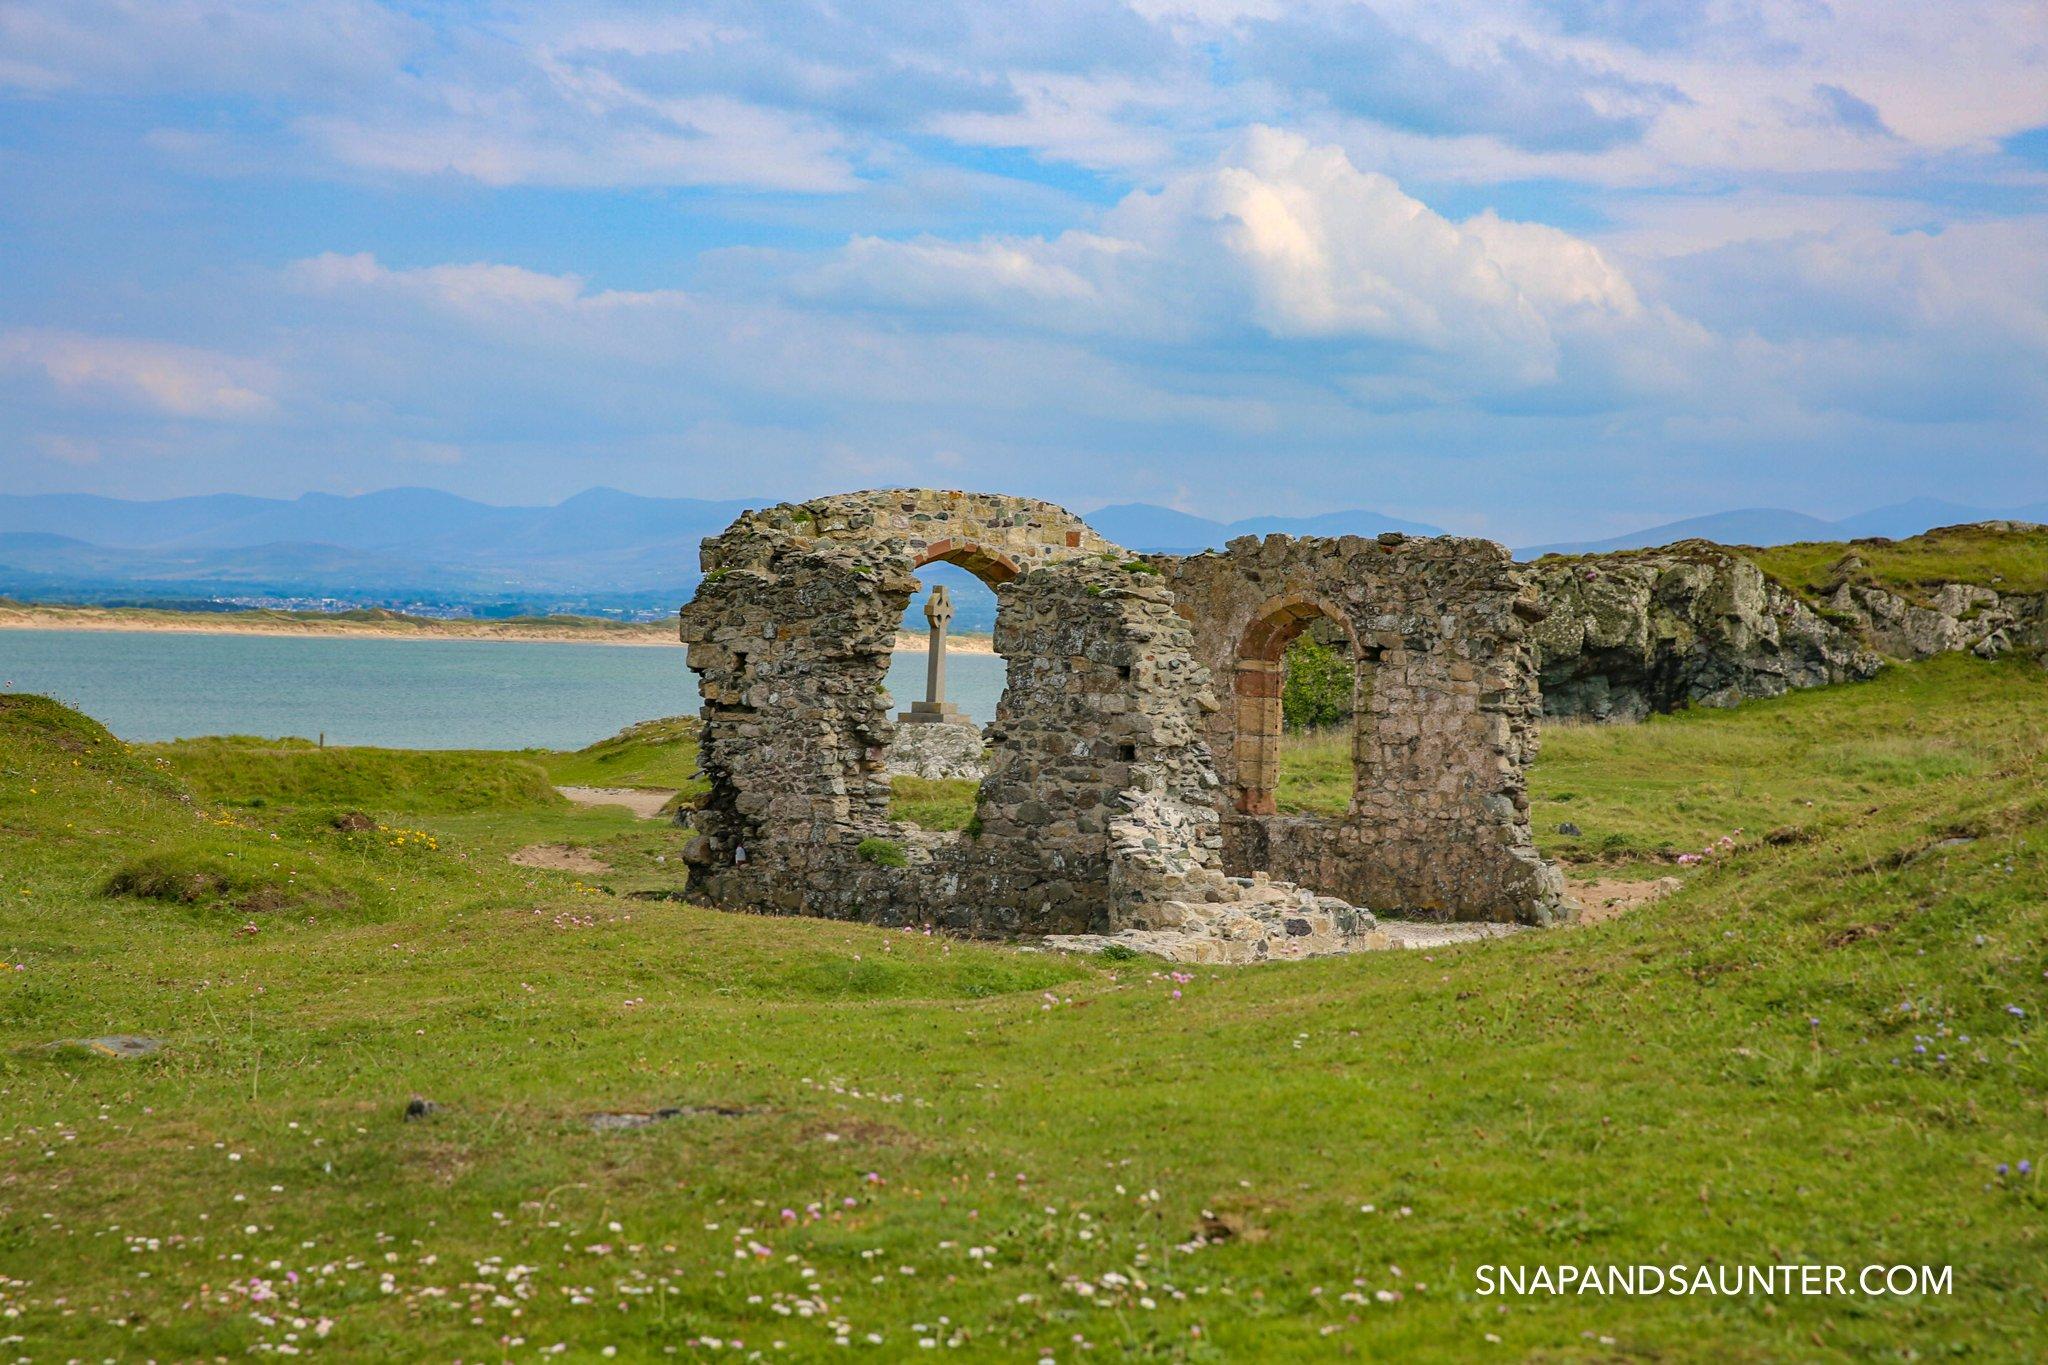 Ruin on Llandwyn Island in Anglesey